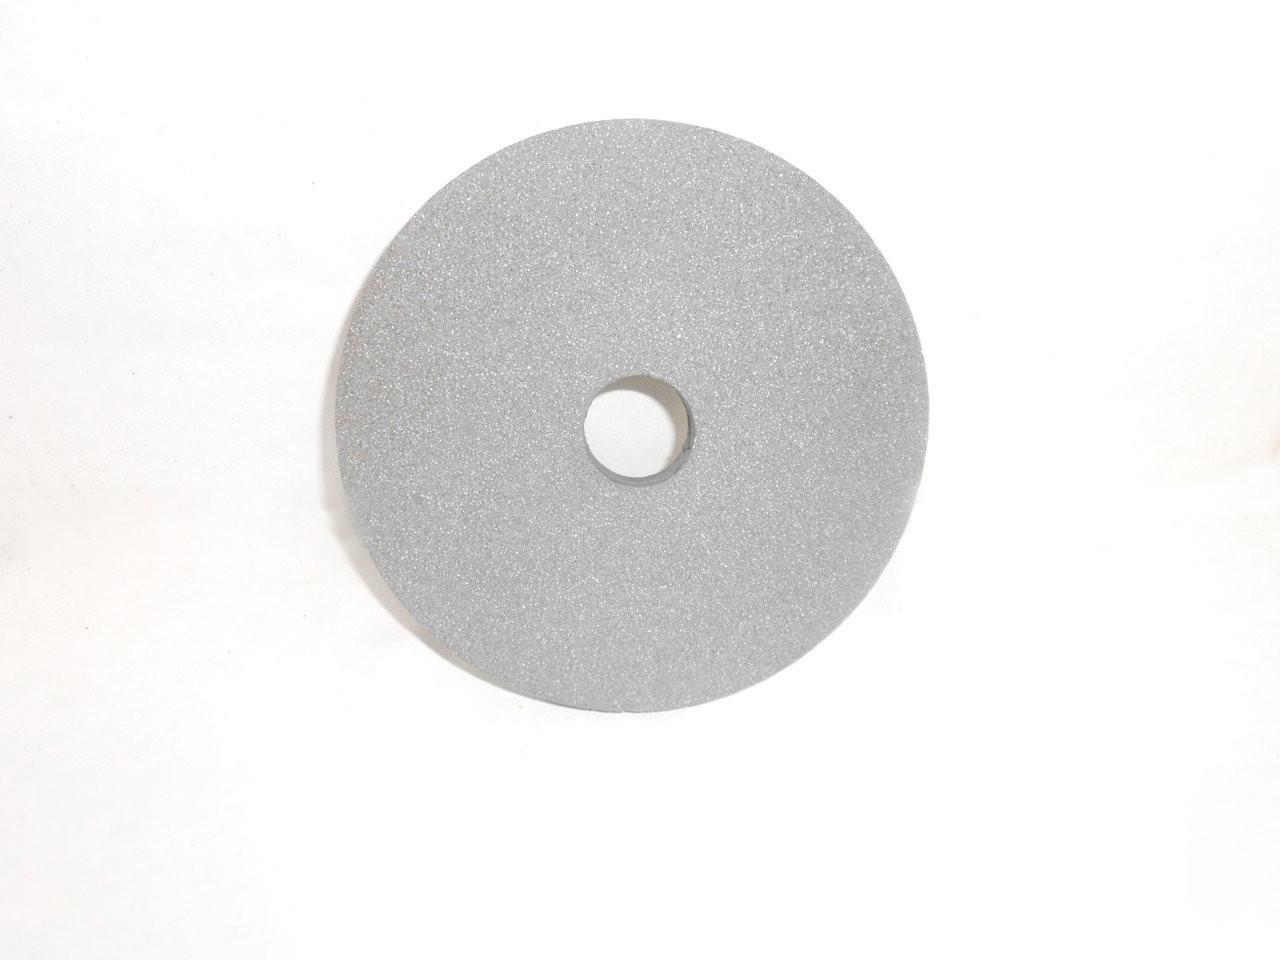 Круг шлифовальный 14А ПП 125х16х32  8 СТ